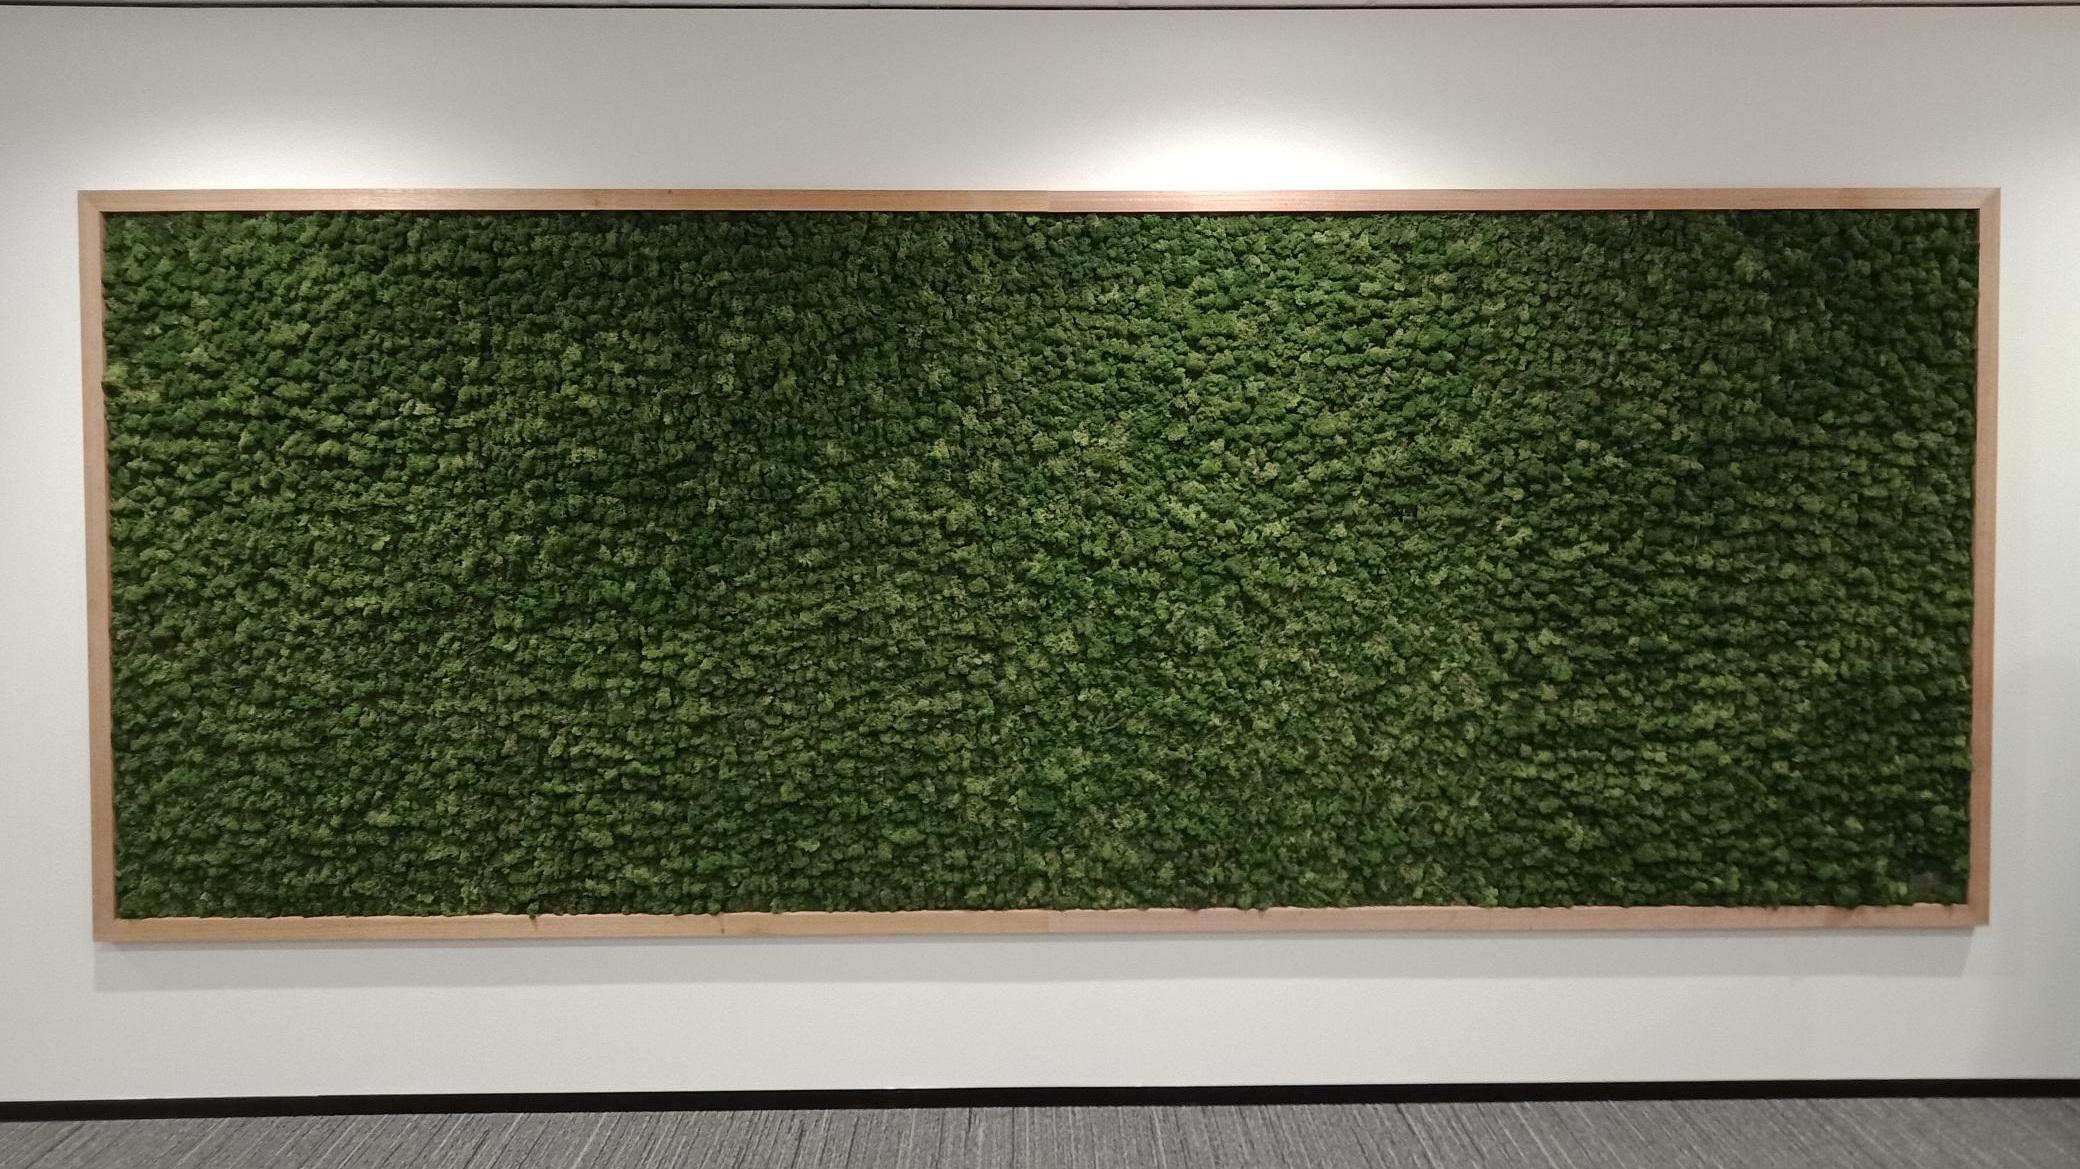 Moss+Wall+-+Kaufland+1.jpg